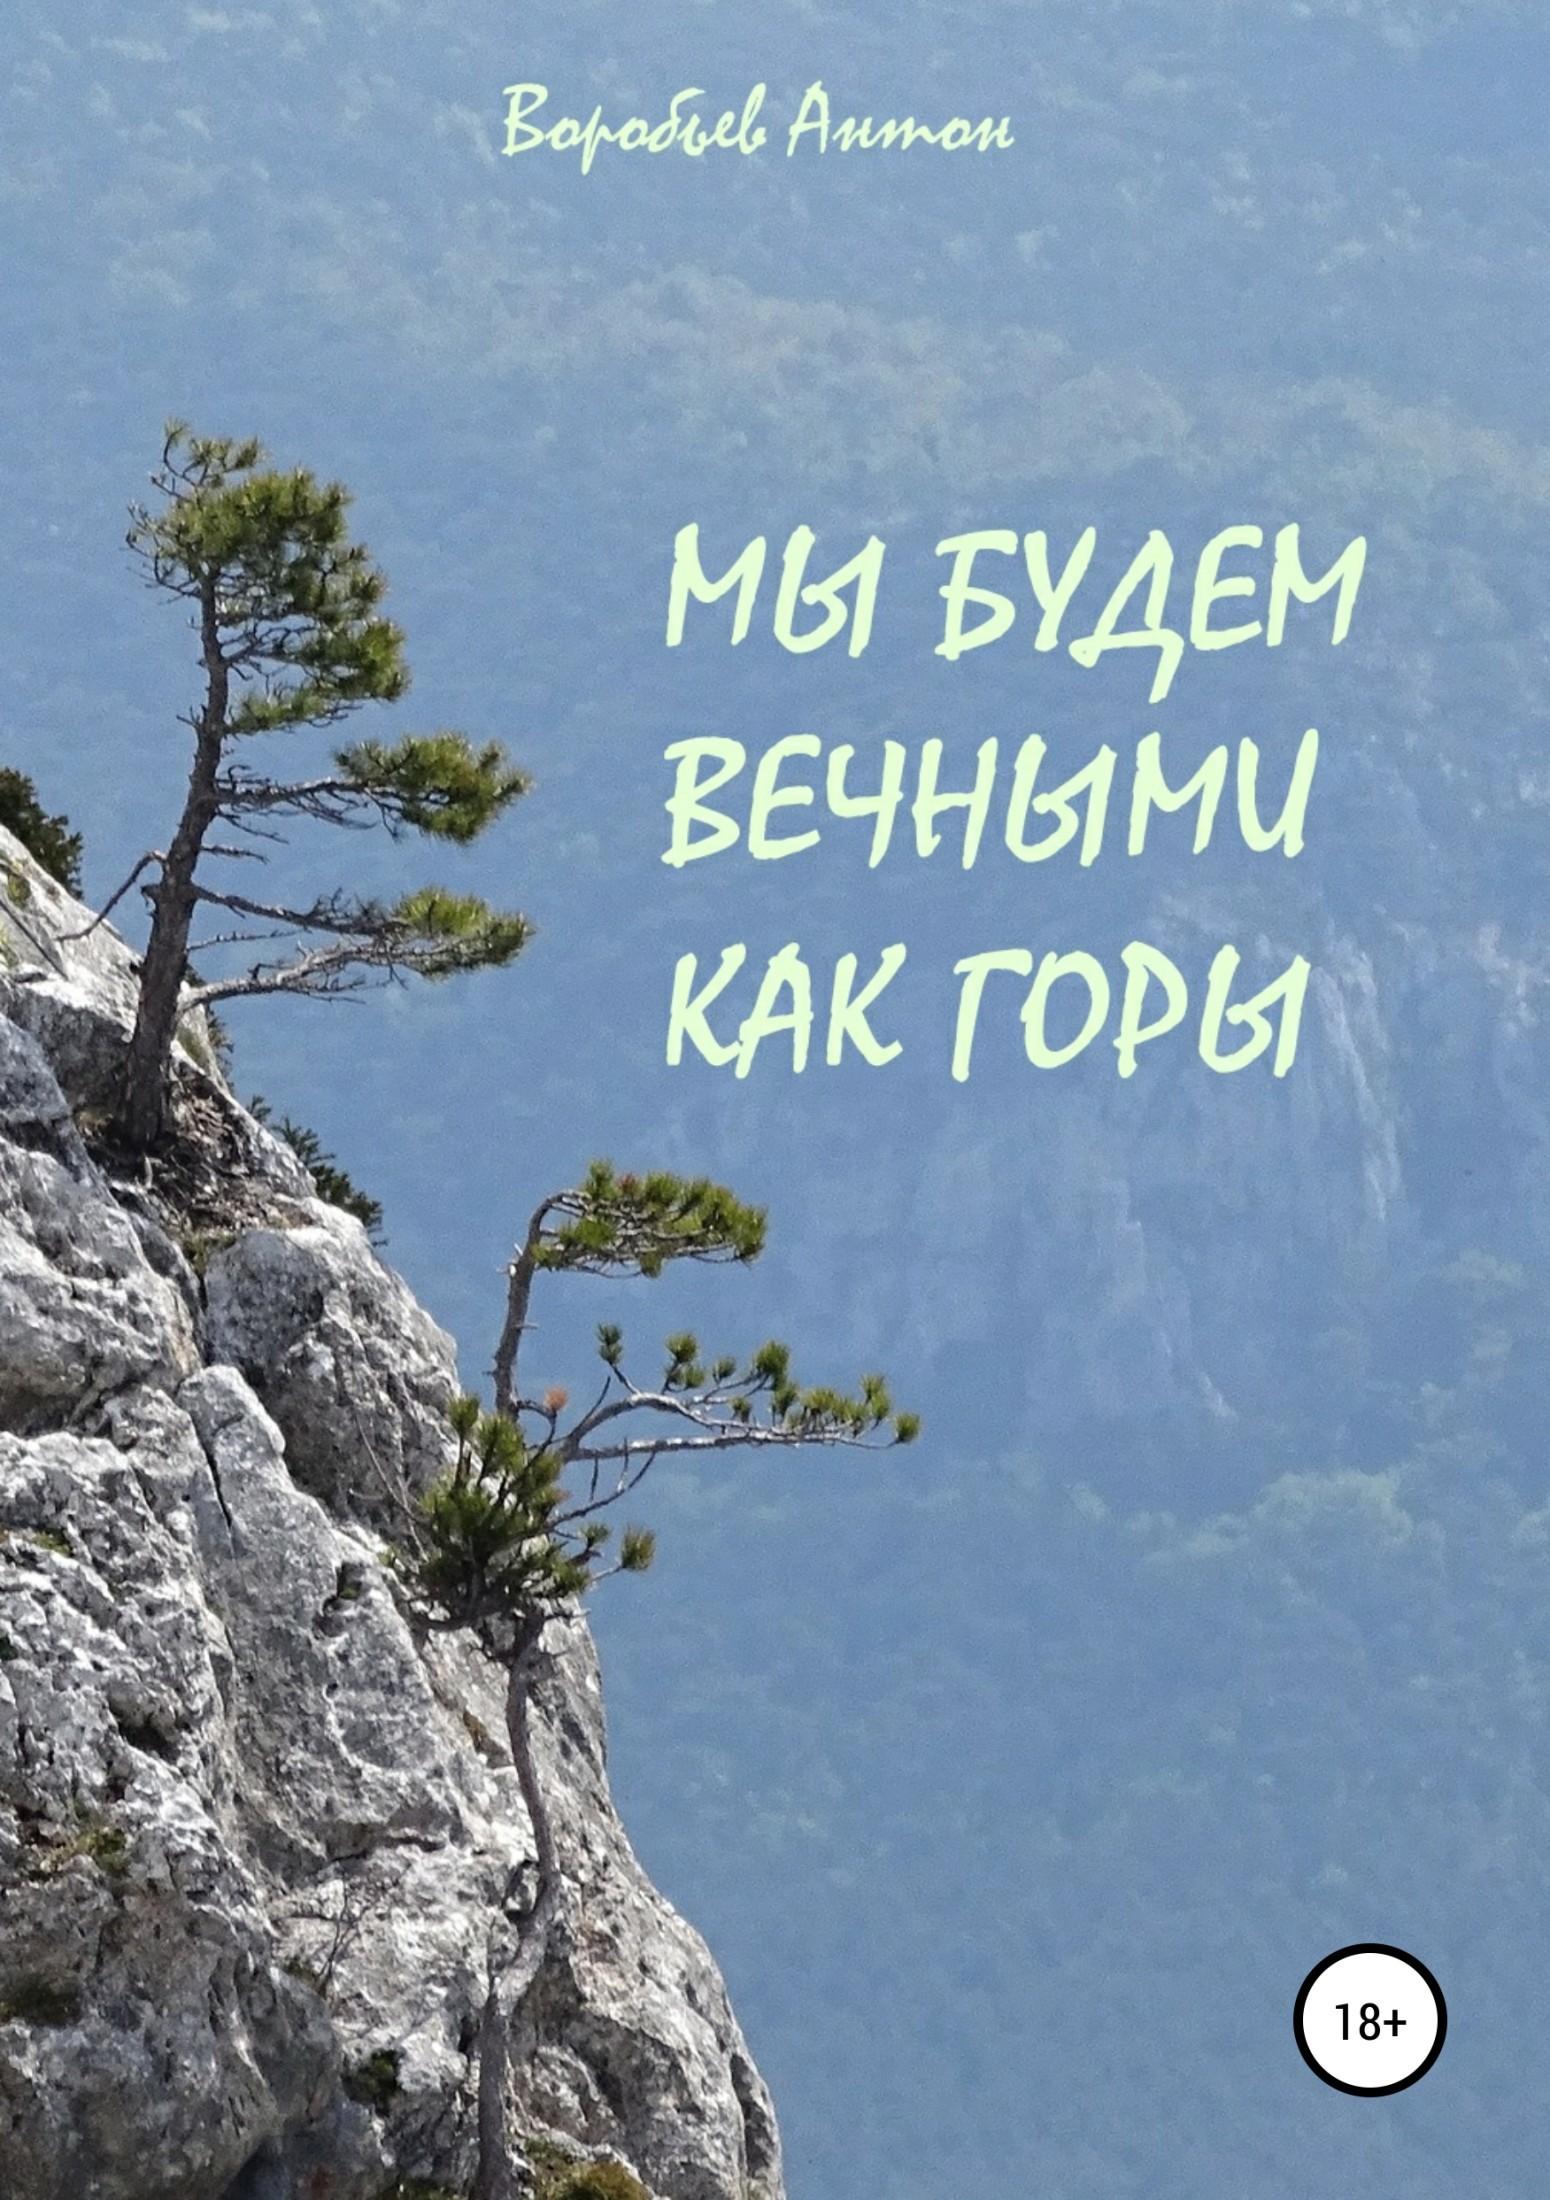 Антон Алексеевич Воробьев Мы будем вечными как горы антон алексеевич воробьев семь волос красавицы авбёлль